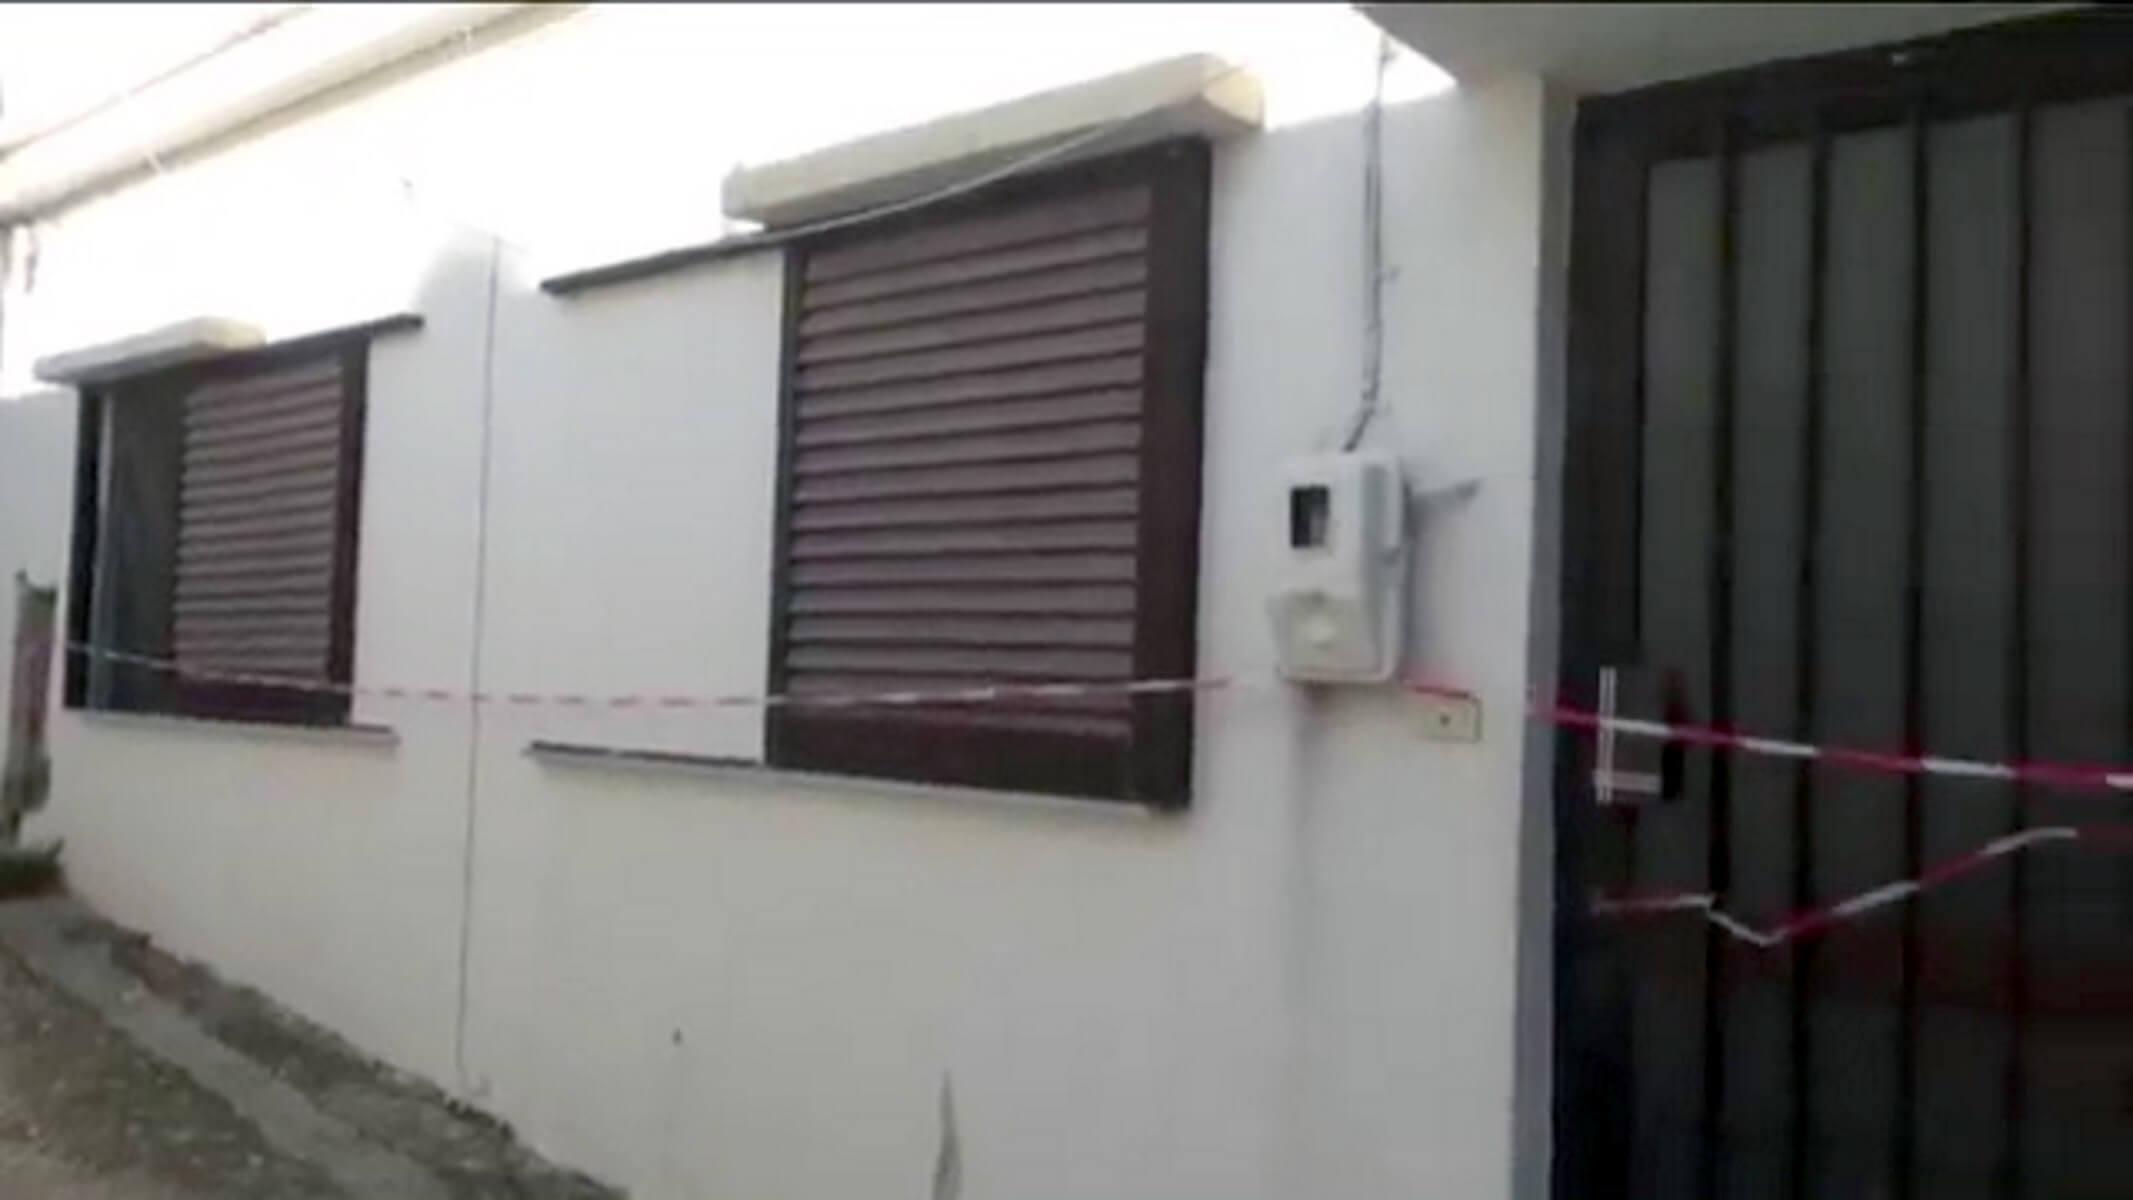 Αυτό είναι το σπίτι της τραγωδίας στην Κρήτη - Για ανθρωποκτονία από πρόθεση διώκεται ο 36χρονος σύζυγος